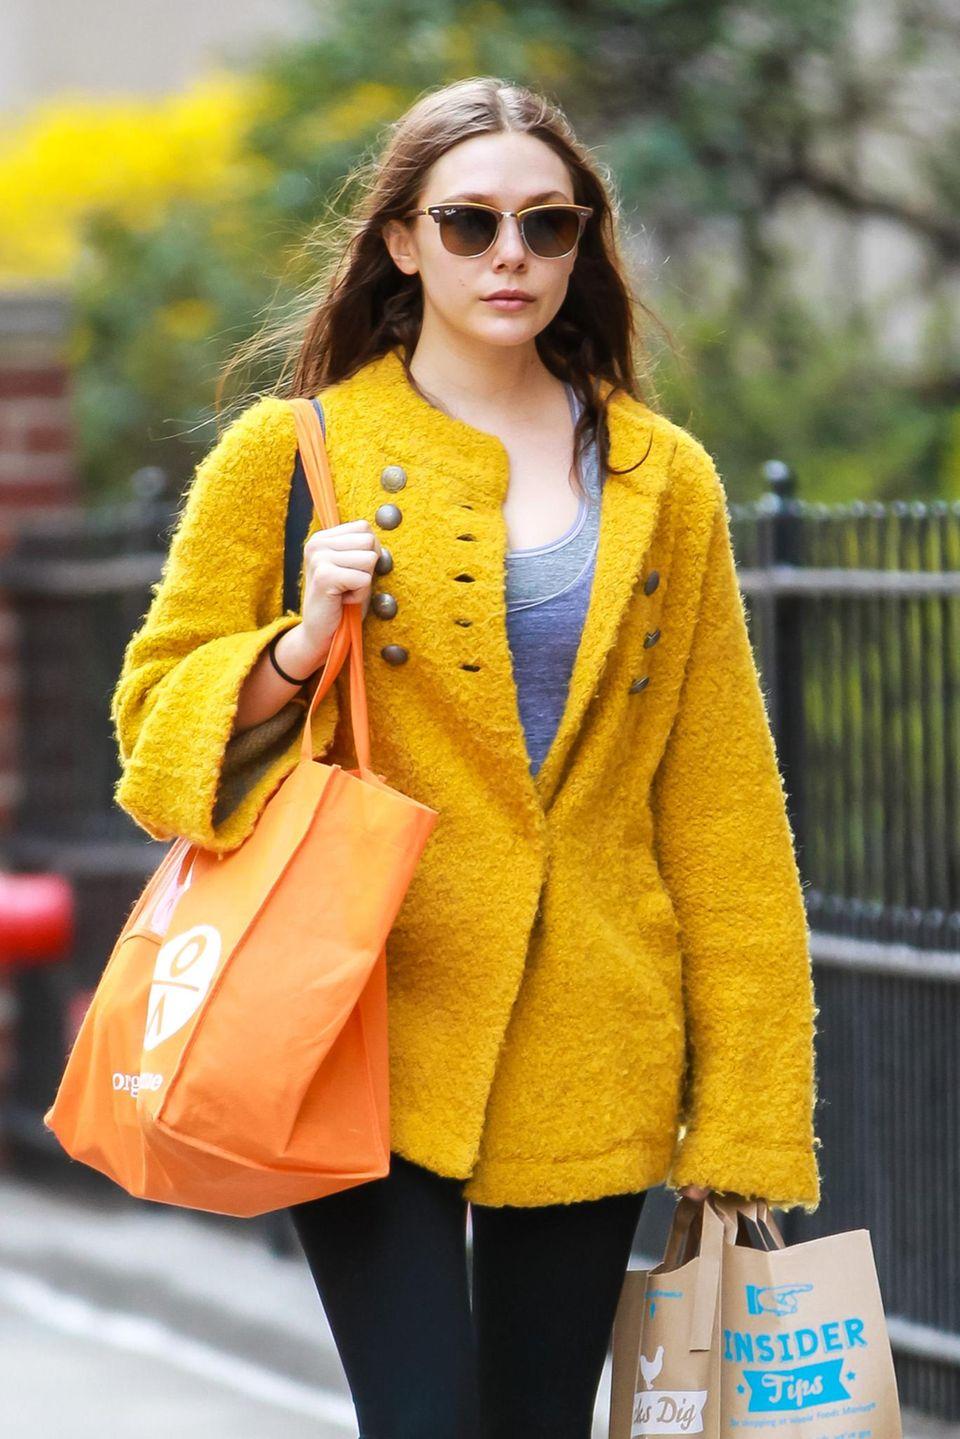 Der Wollmantel von Elizabeth Olsen ist trotz seiner knalligen Farbe vielsietig einsetzbar und begleitet sie in mal zum Shoppen mit Freunden, mal zu Partys am Abend.